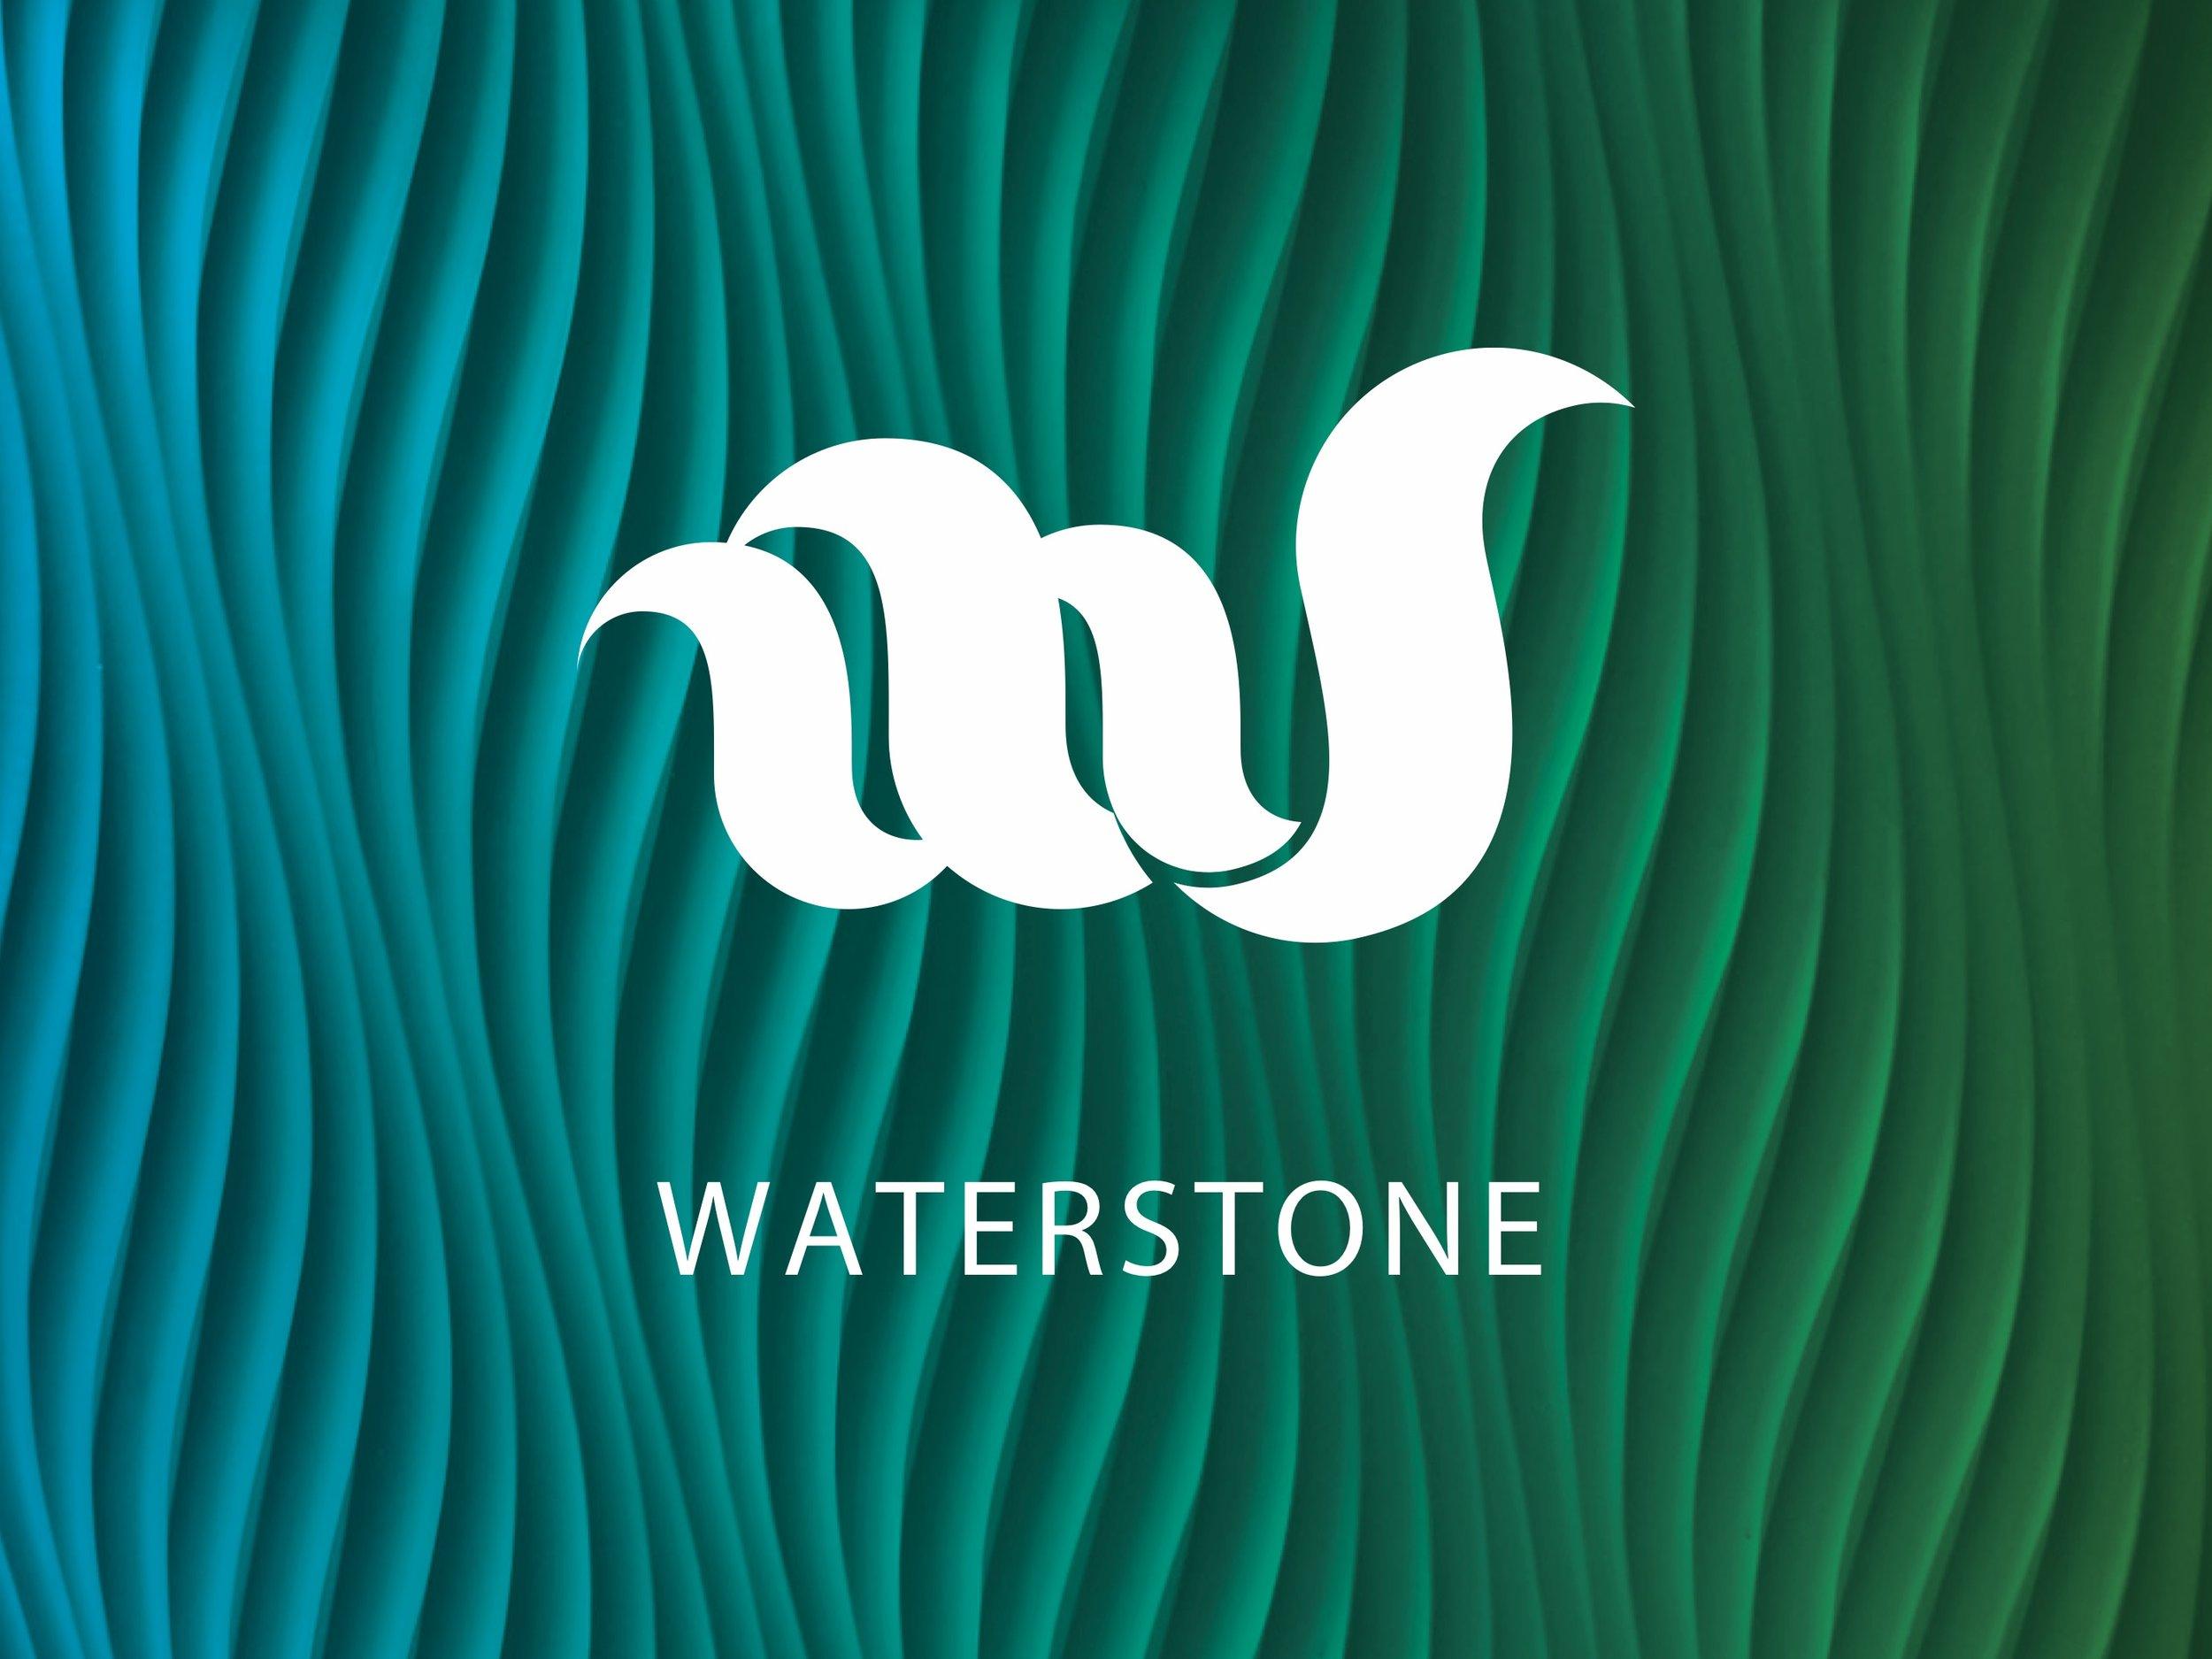 Waterstone_Presentation_Deck_Meeting.jpeg